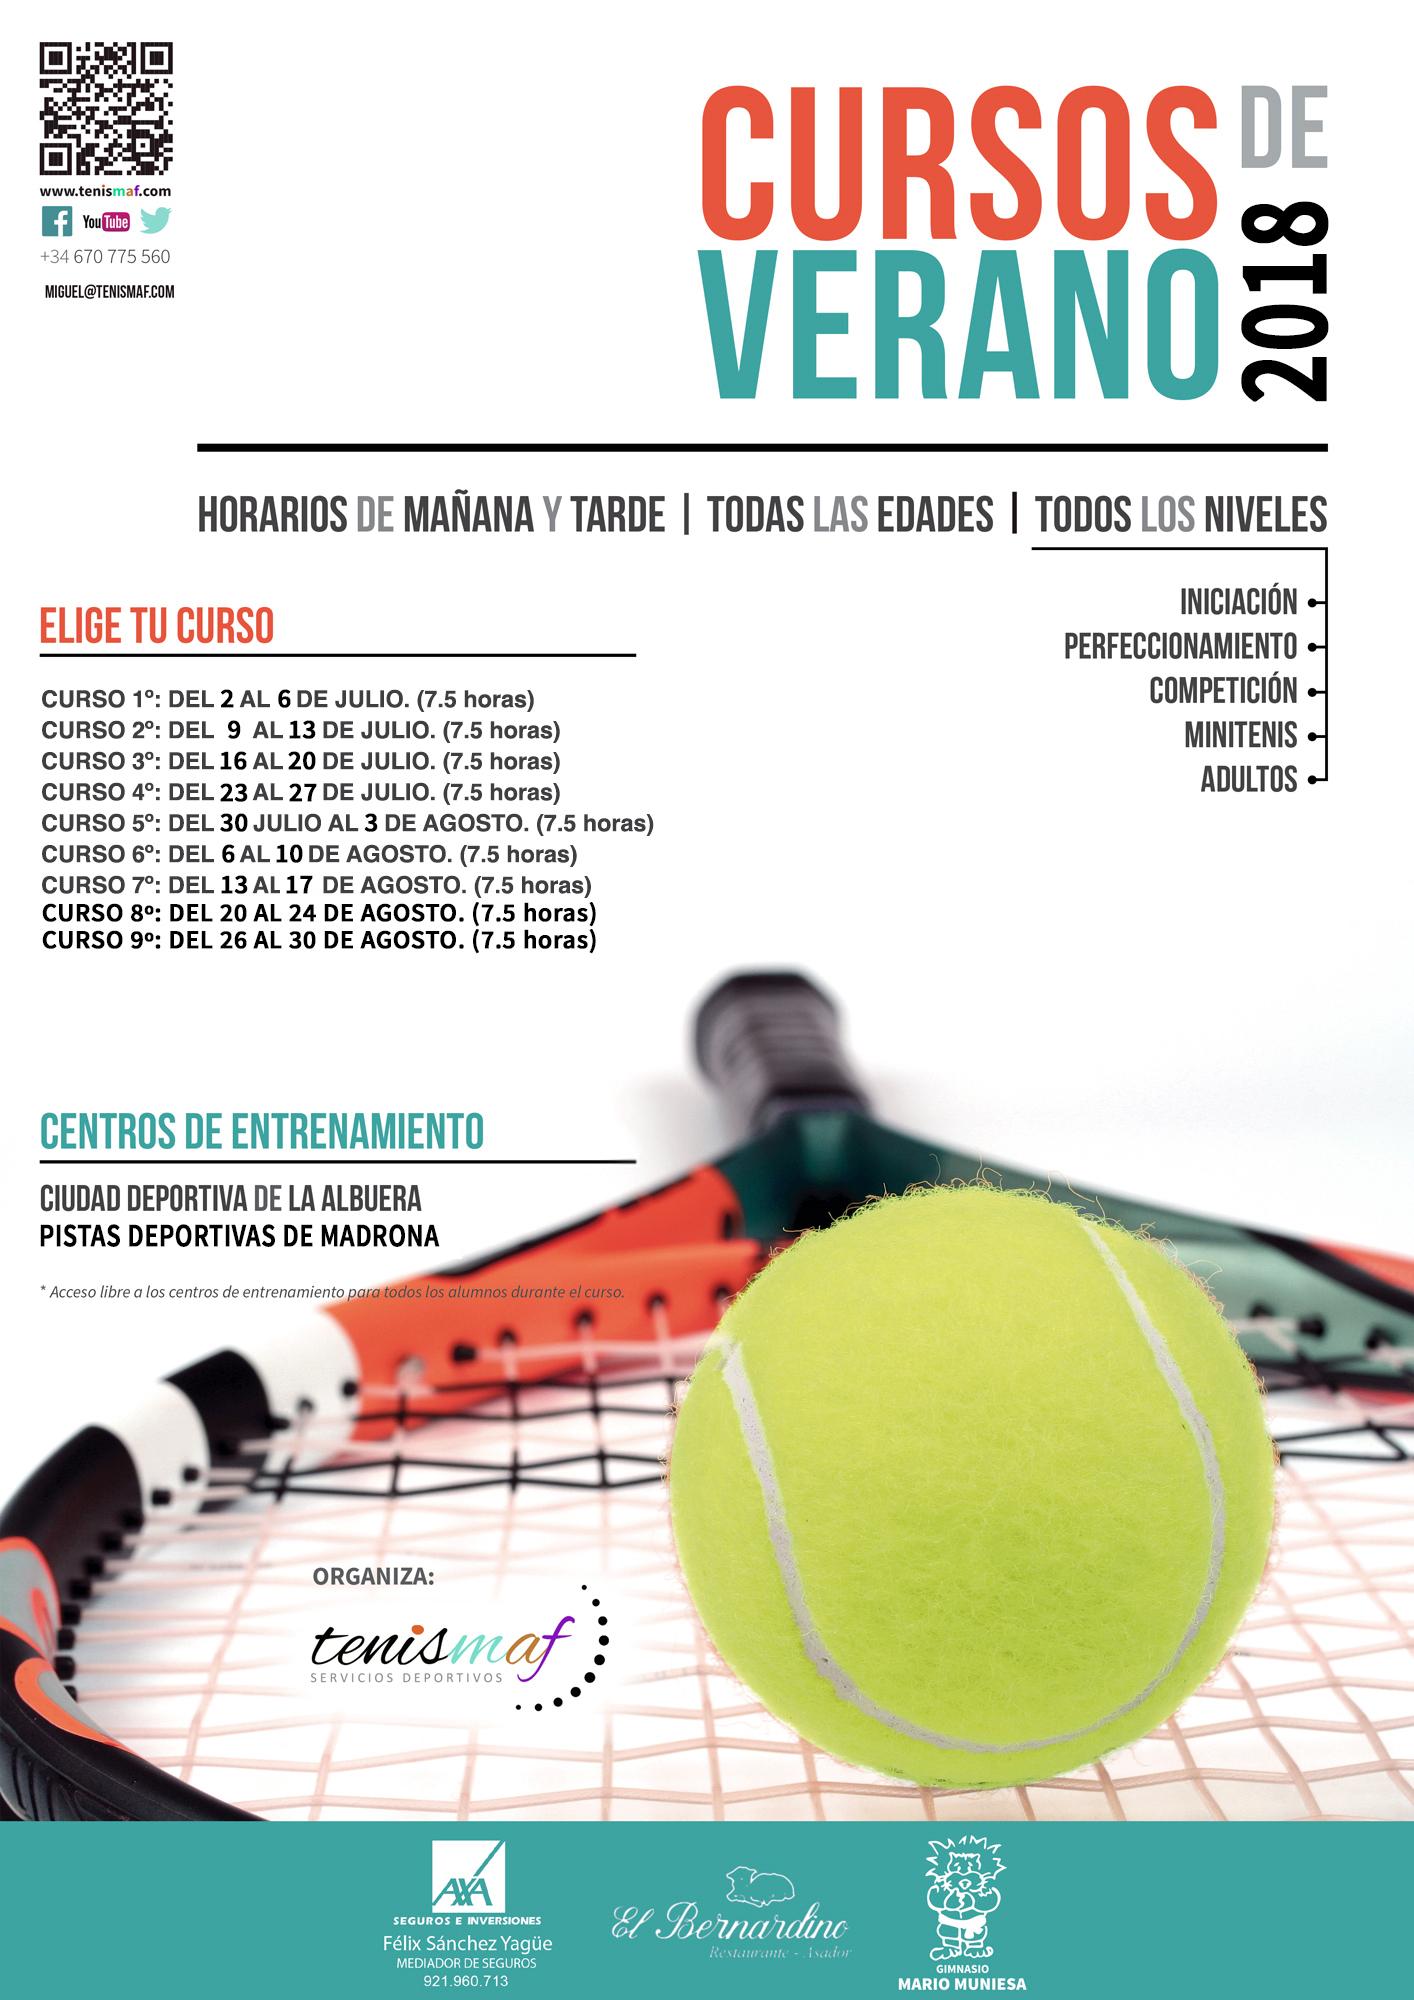 Abierta la inscripción a los Cursos de Tenis de Verano organizados por Tenismaf